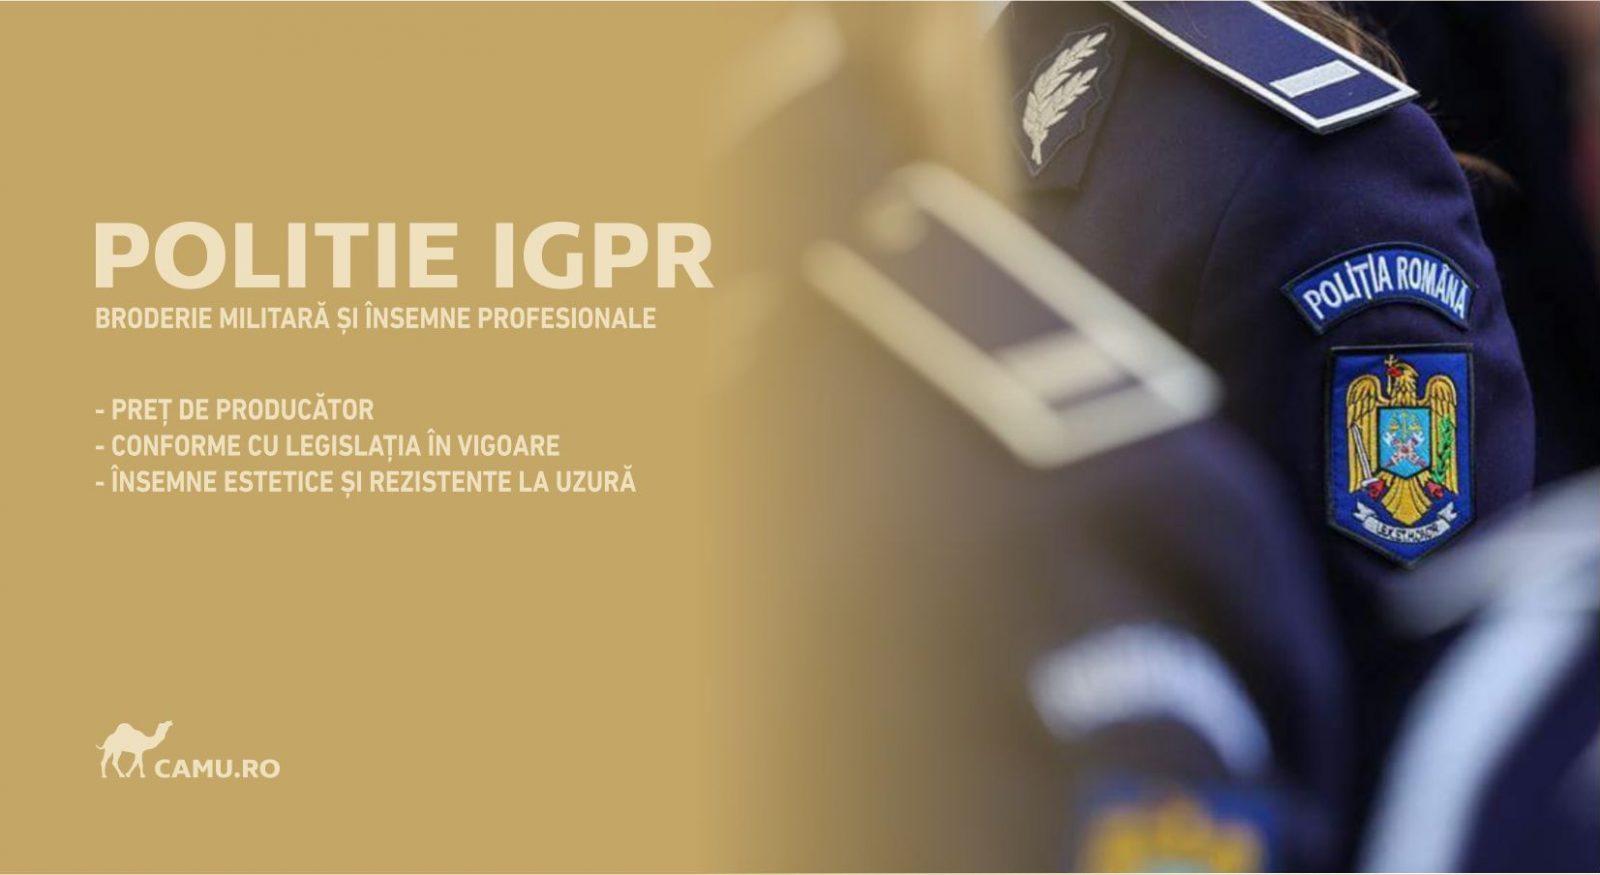 Grade Militare Poliție de vânzare | Emblema Poliție | Petlite Poliție și alte însemne distinctive pentru uniforma Poliție. *Conforme cu legislația în vigoare.